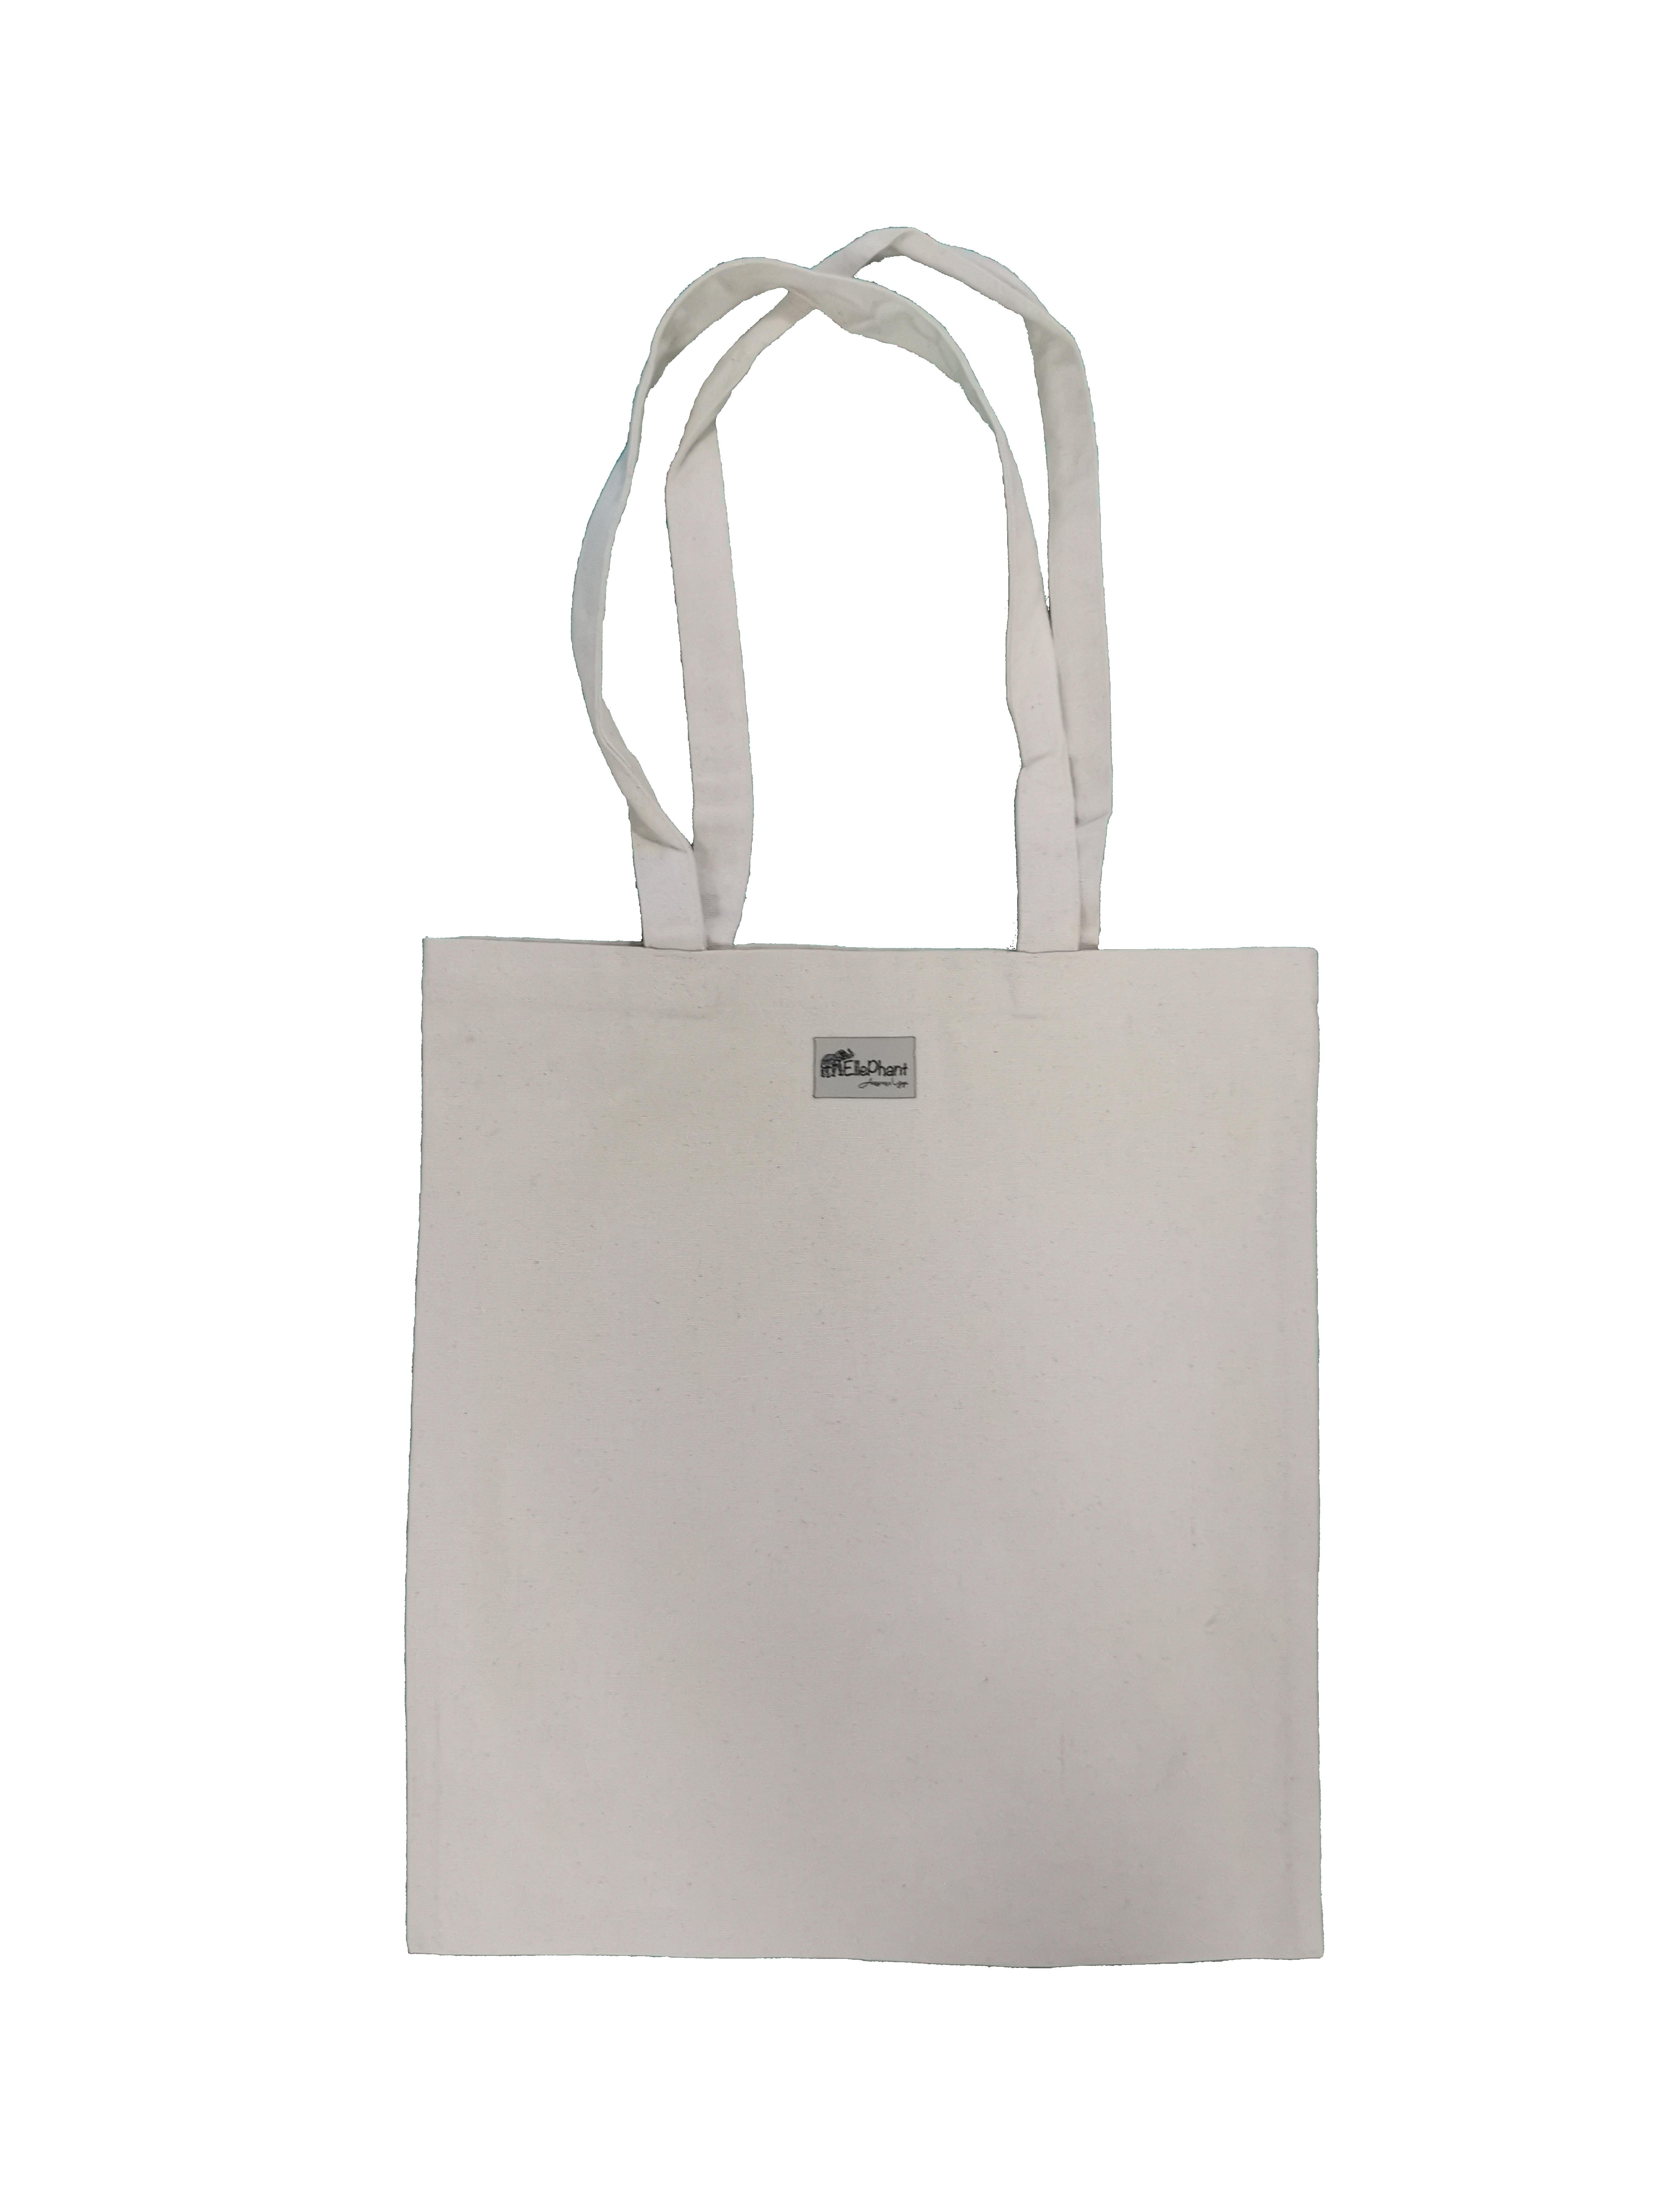 Saco de compras em algodão biológico Totebag (38 x 42 cm/13l)